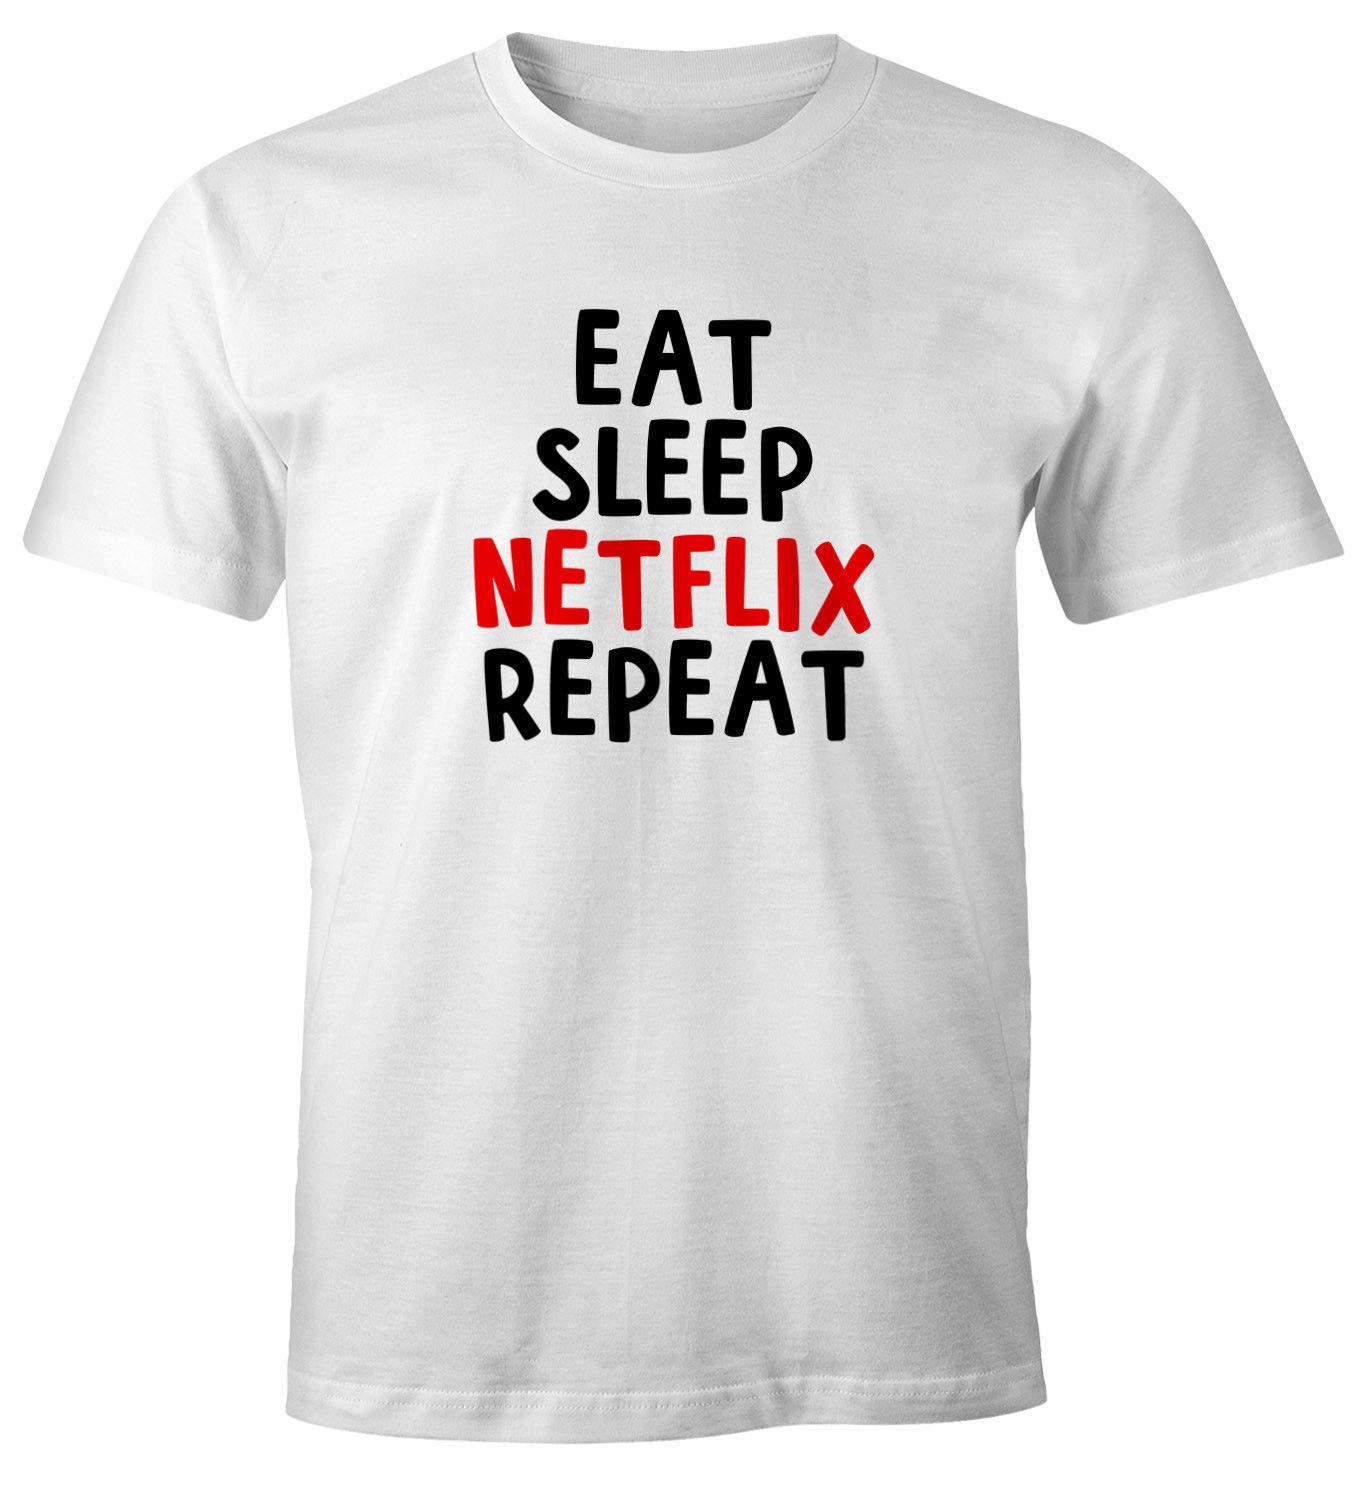 begrenzter Stil Original Kauf kostengünstig US $11.69 10% OFF T Shirt Eat sleep Netflix repeat Fun Shirt Spruch Shirt  Summer Short Sleeve tshirt new fashion top free shipping 2018 shirts-in ...